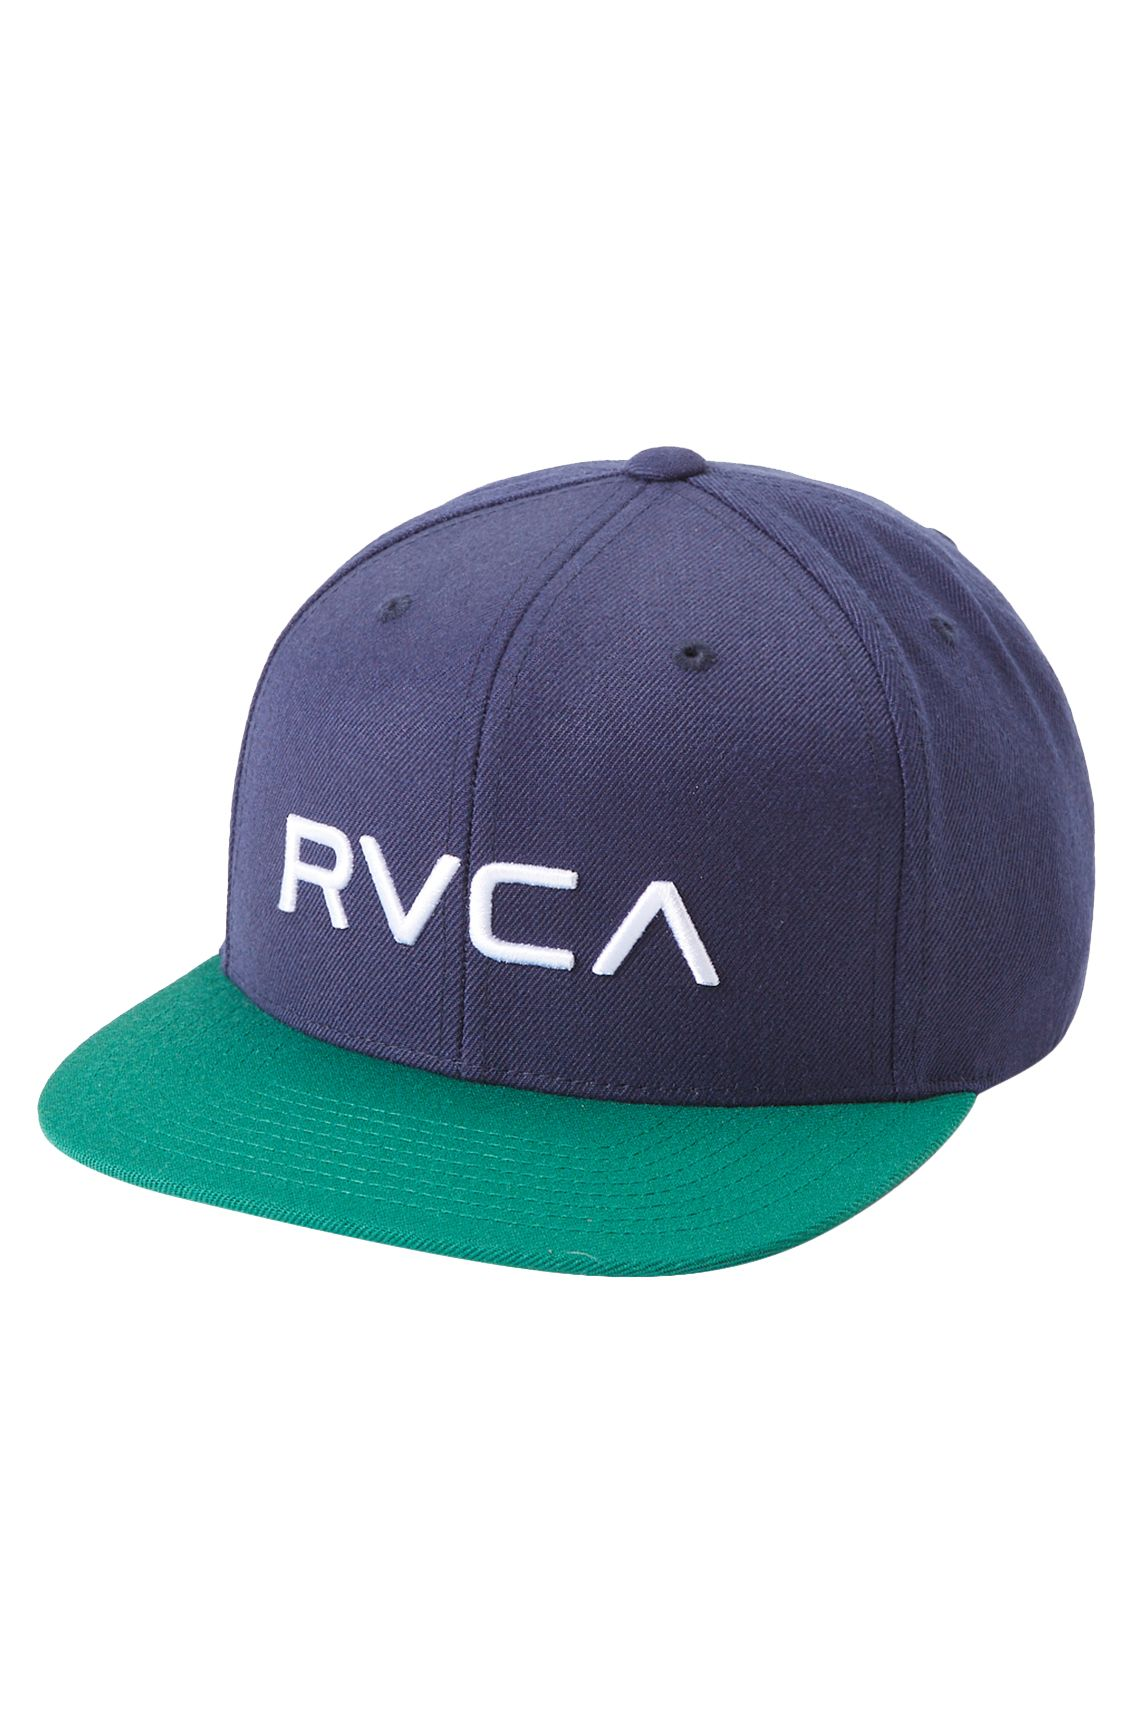 Bone RVCA RVCA TWILL SNAPBACK Navy/Green